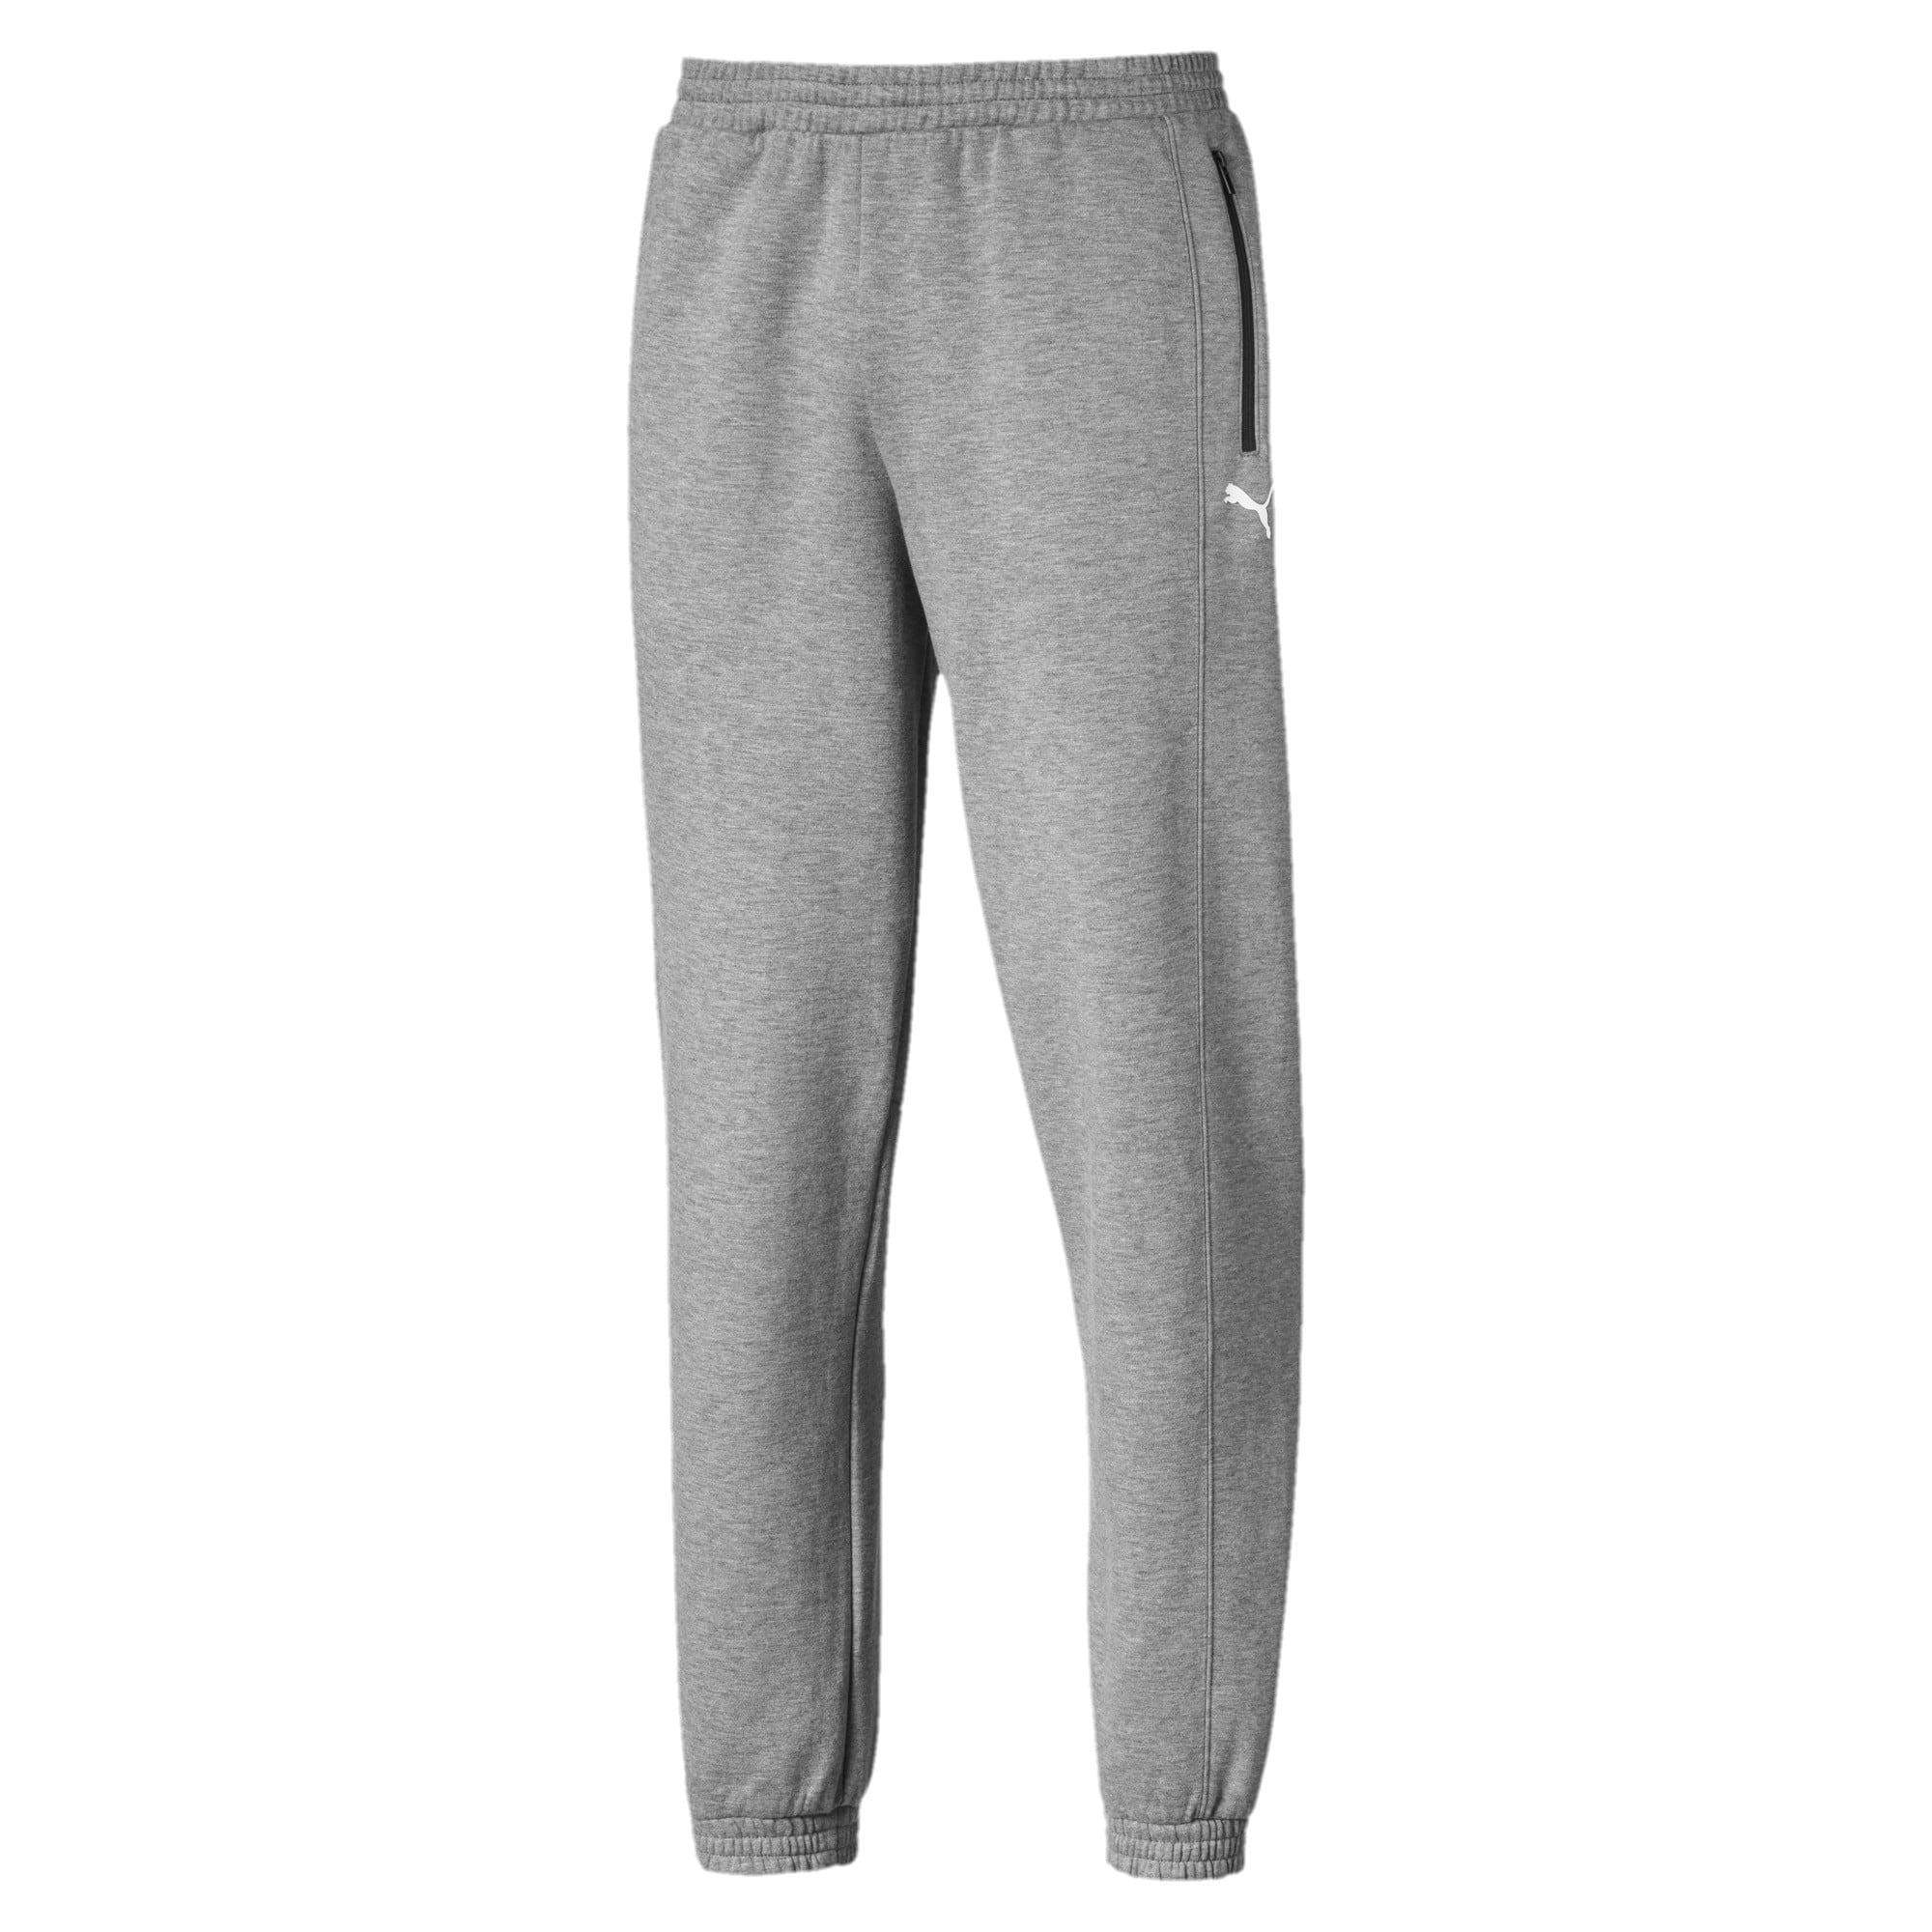 Thumbnail 4 of Pantaloni della tuta Ferrari uomo, Medium Gray Heather, medium